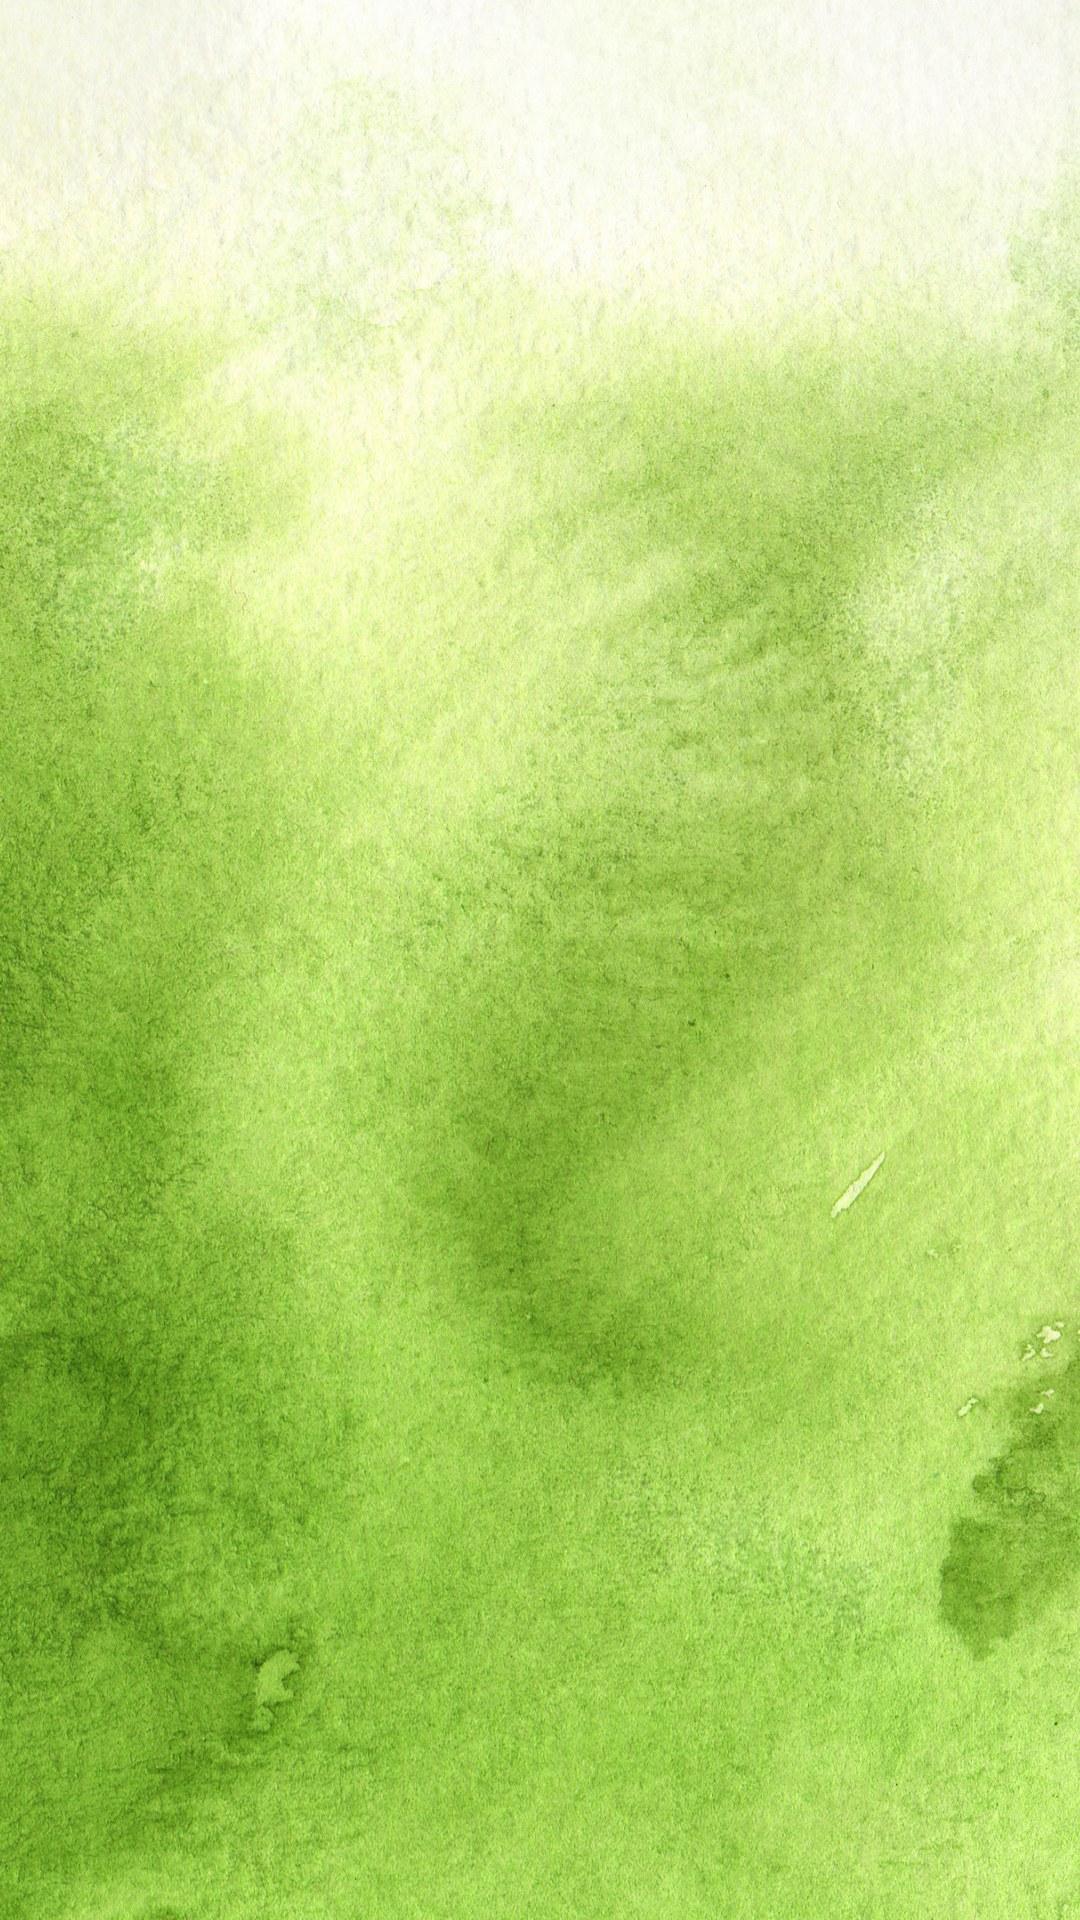 彩色 极简 手绘 日系 创意 苹果手机高清壁纸 1080x